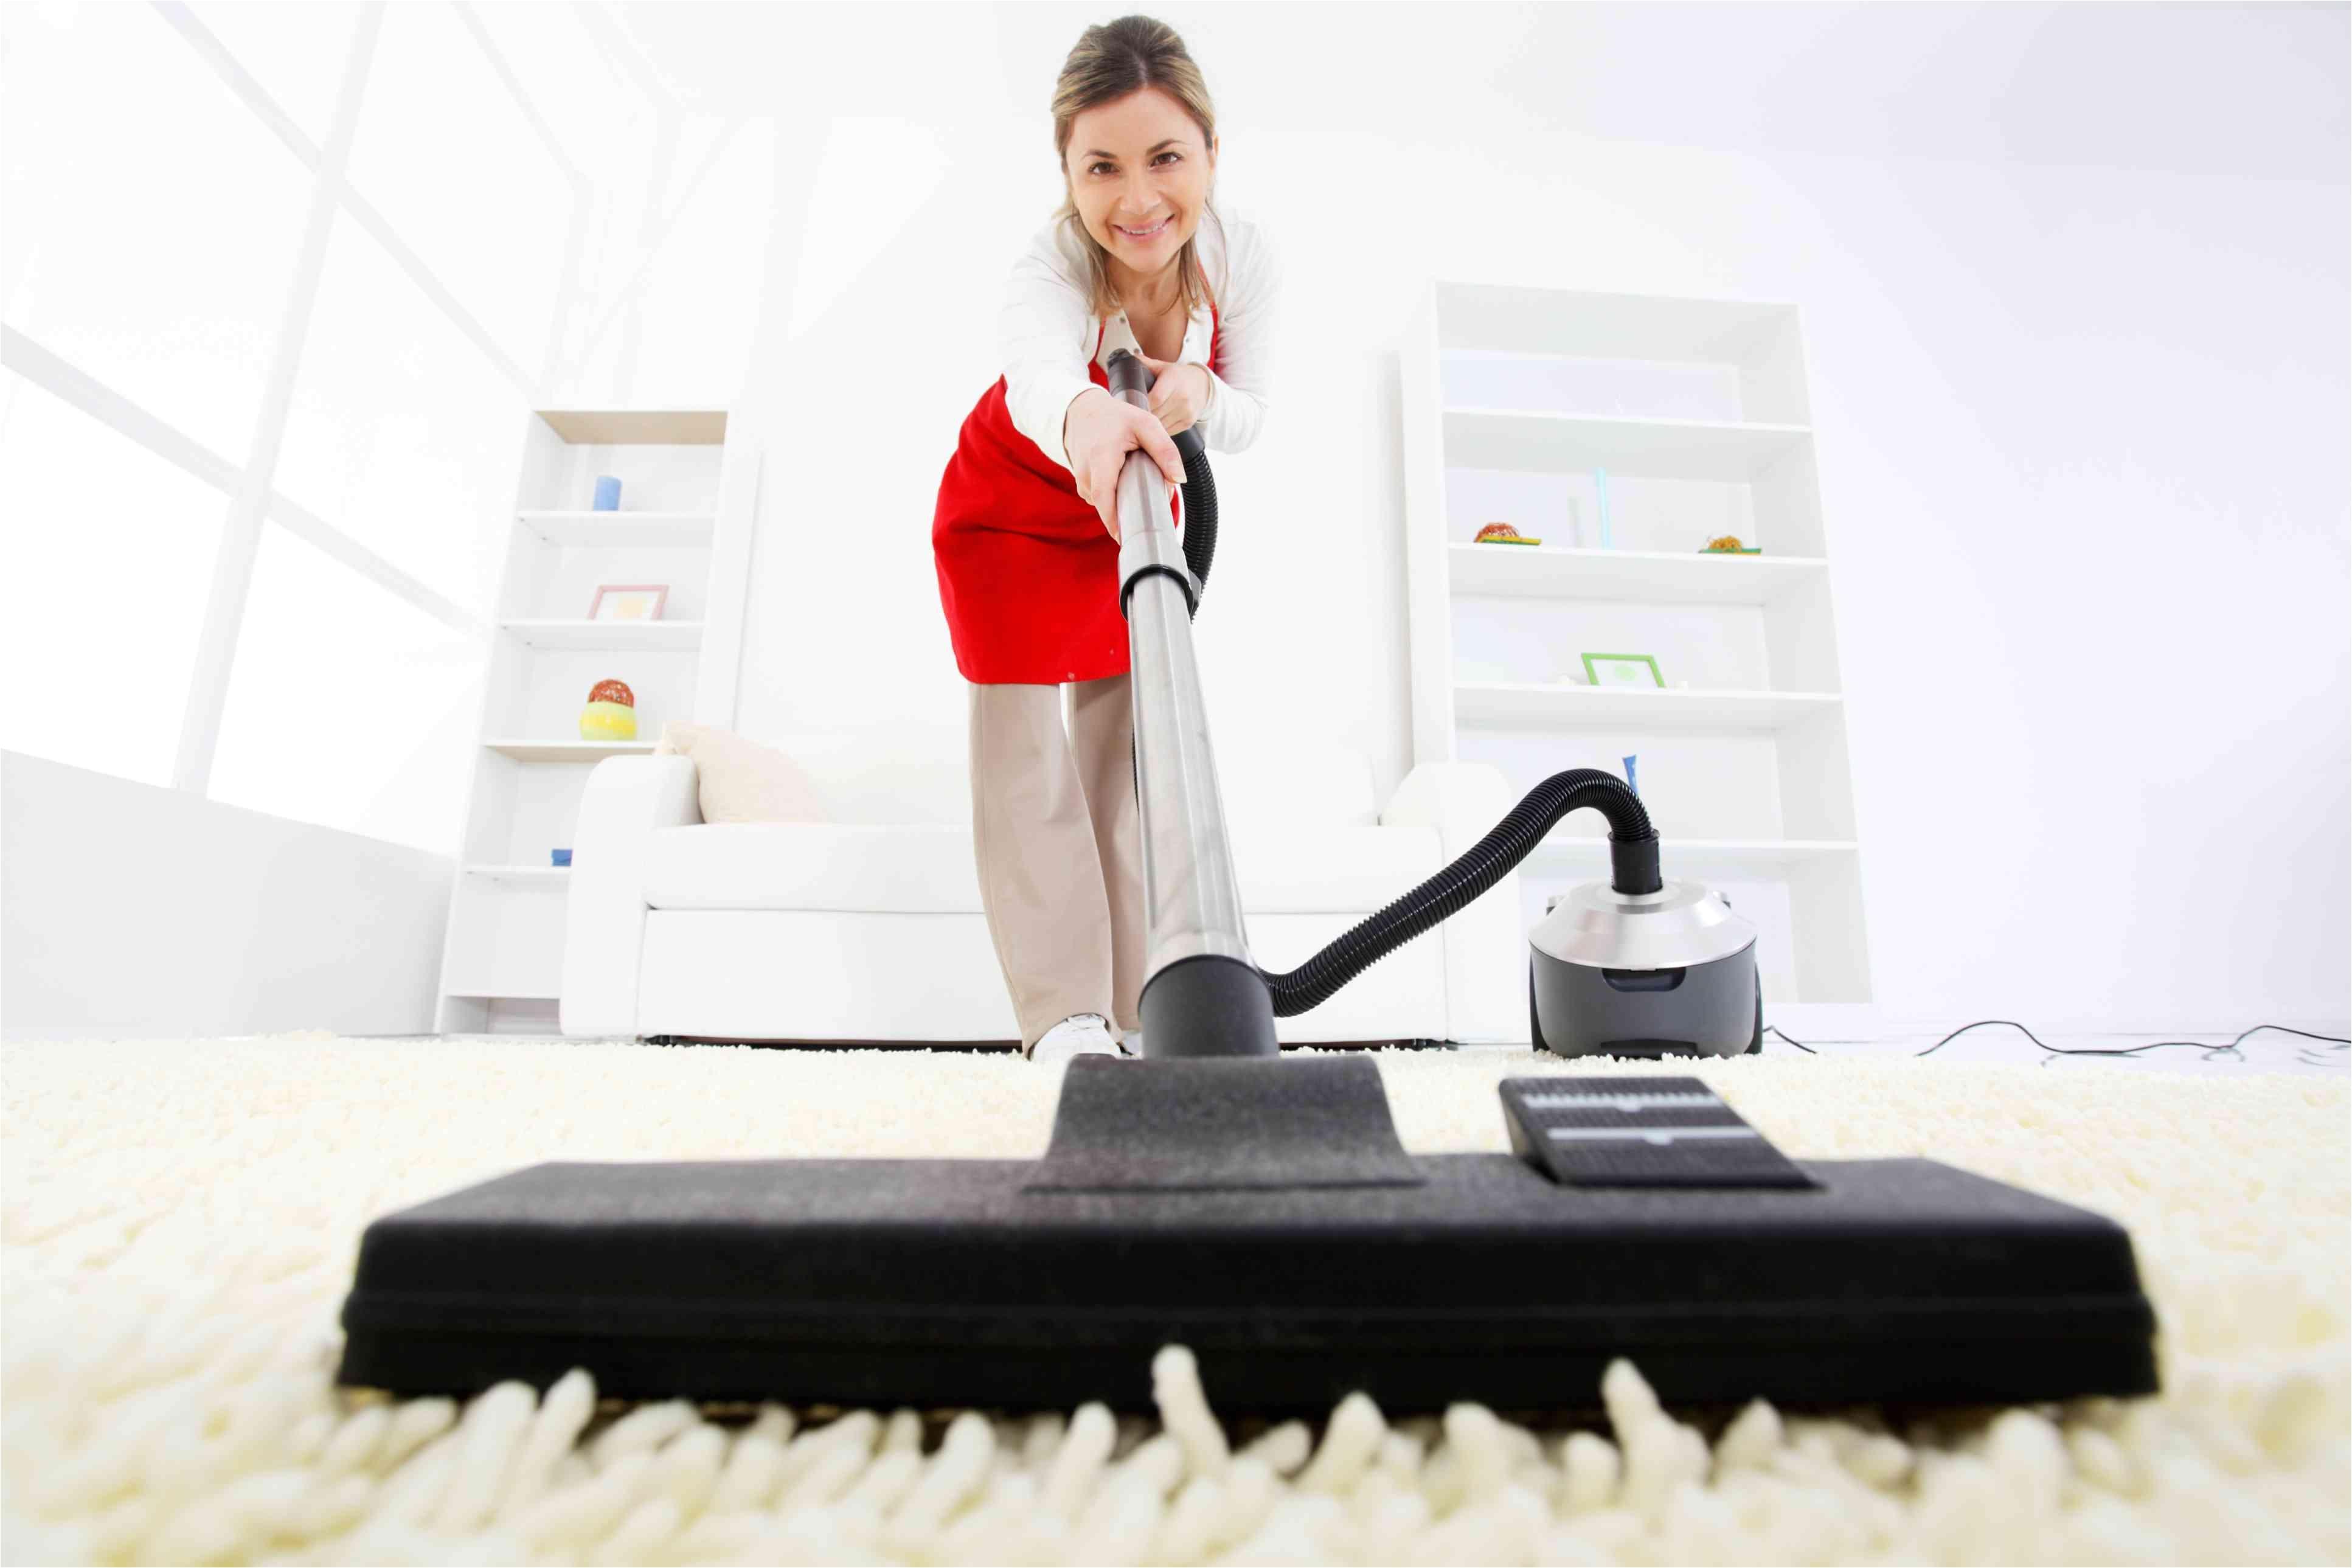 vacuumingshagrug 56a95d833df78cf772a64340 jpg